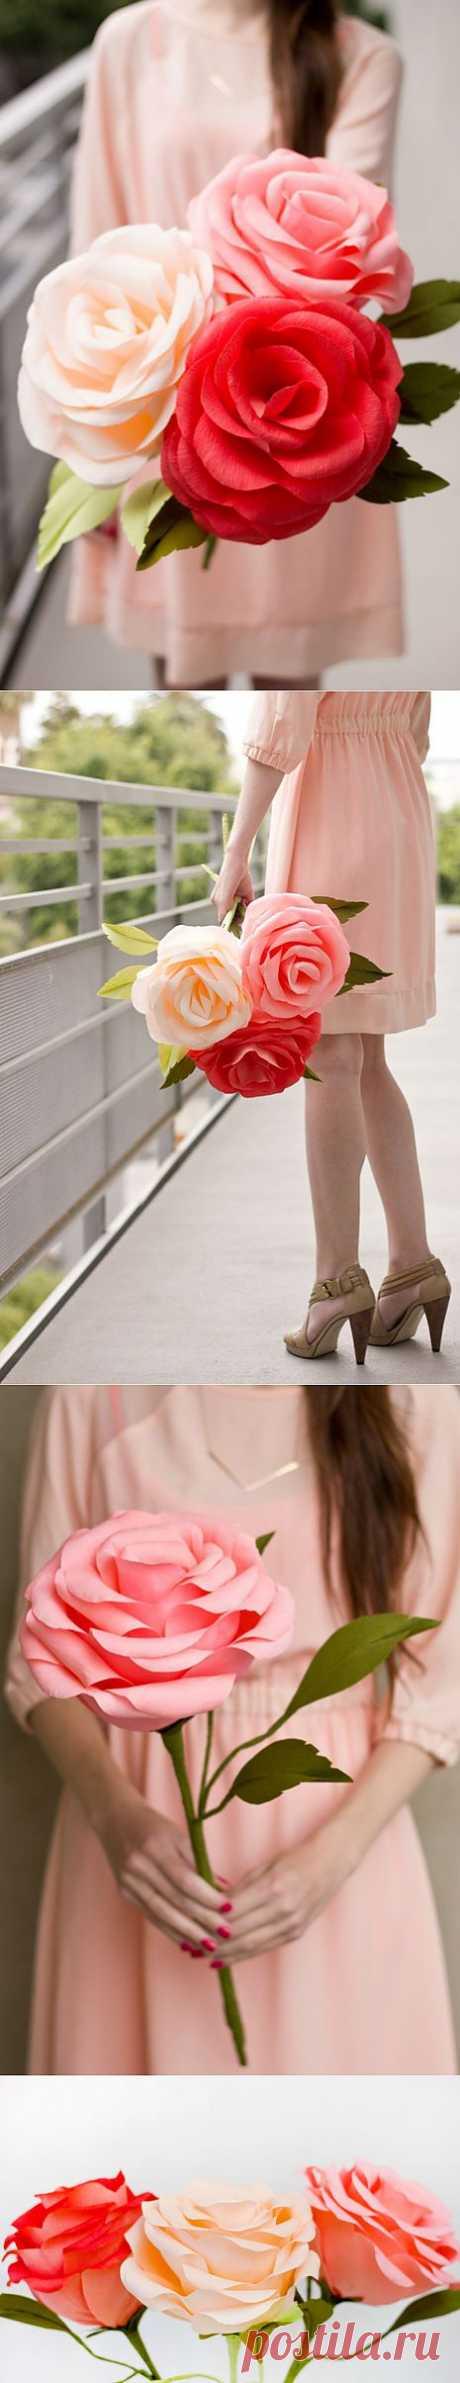 Гигантские розы из гофрированной бумаги.